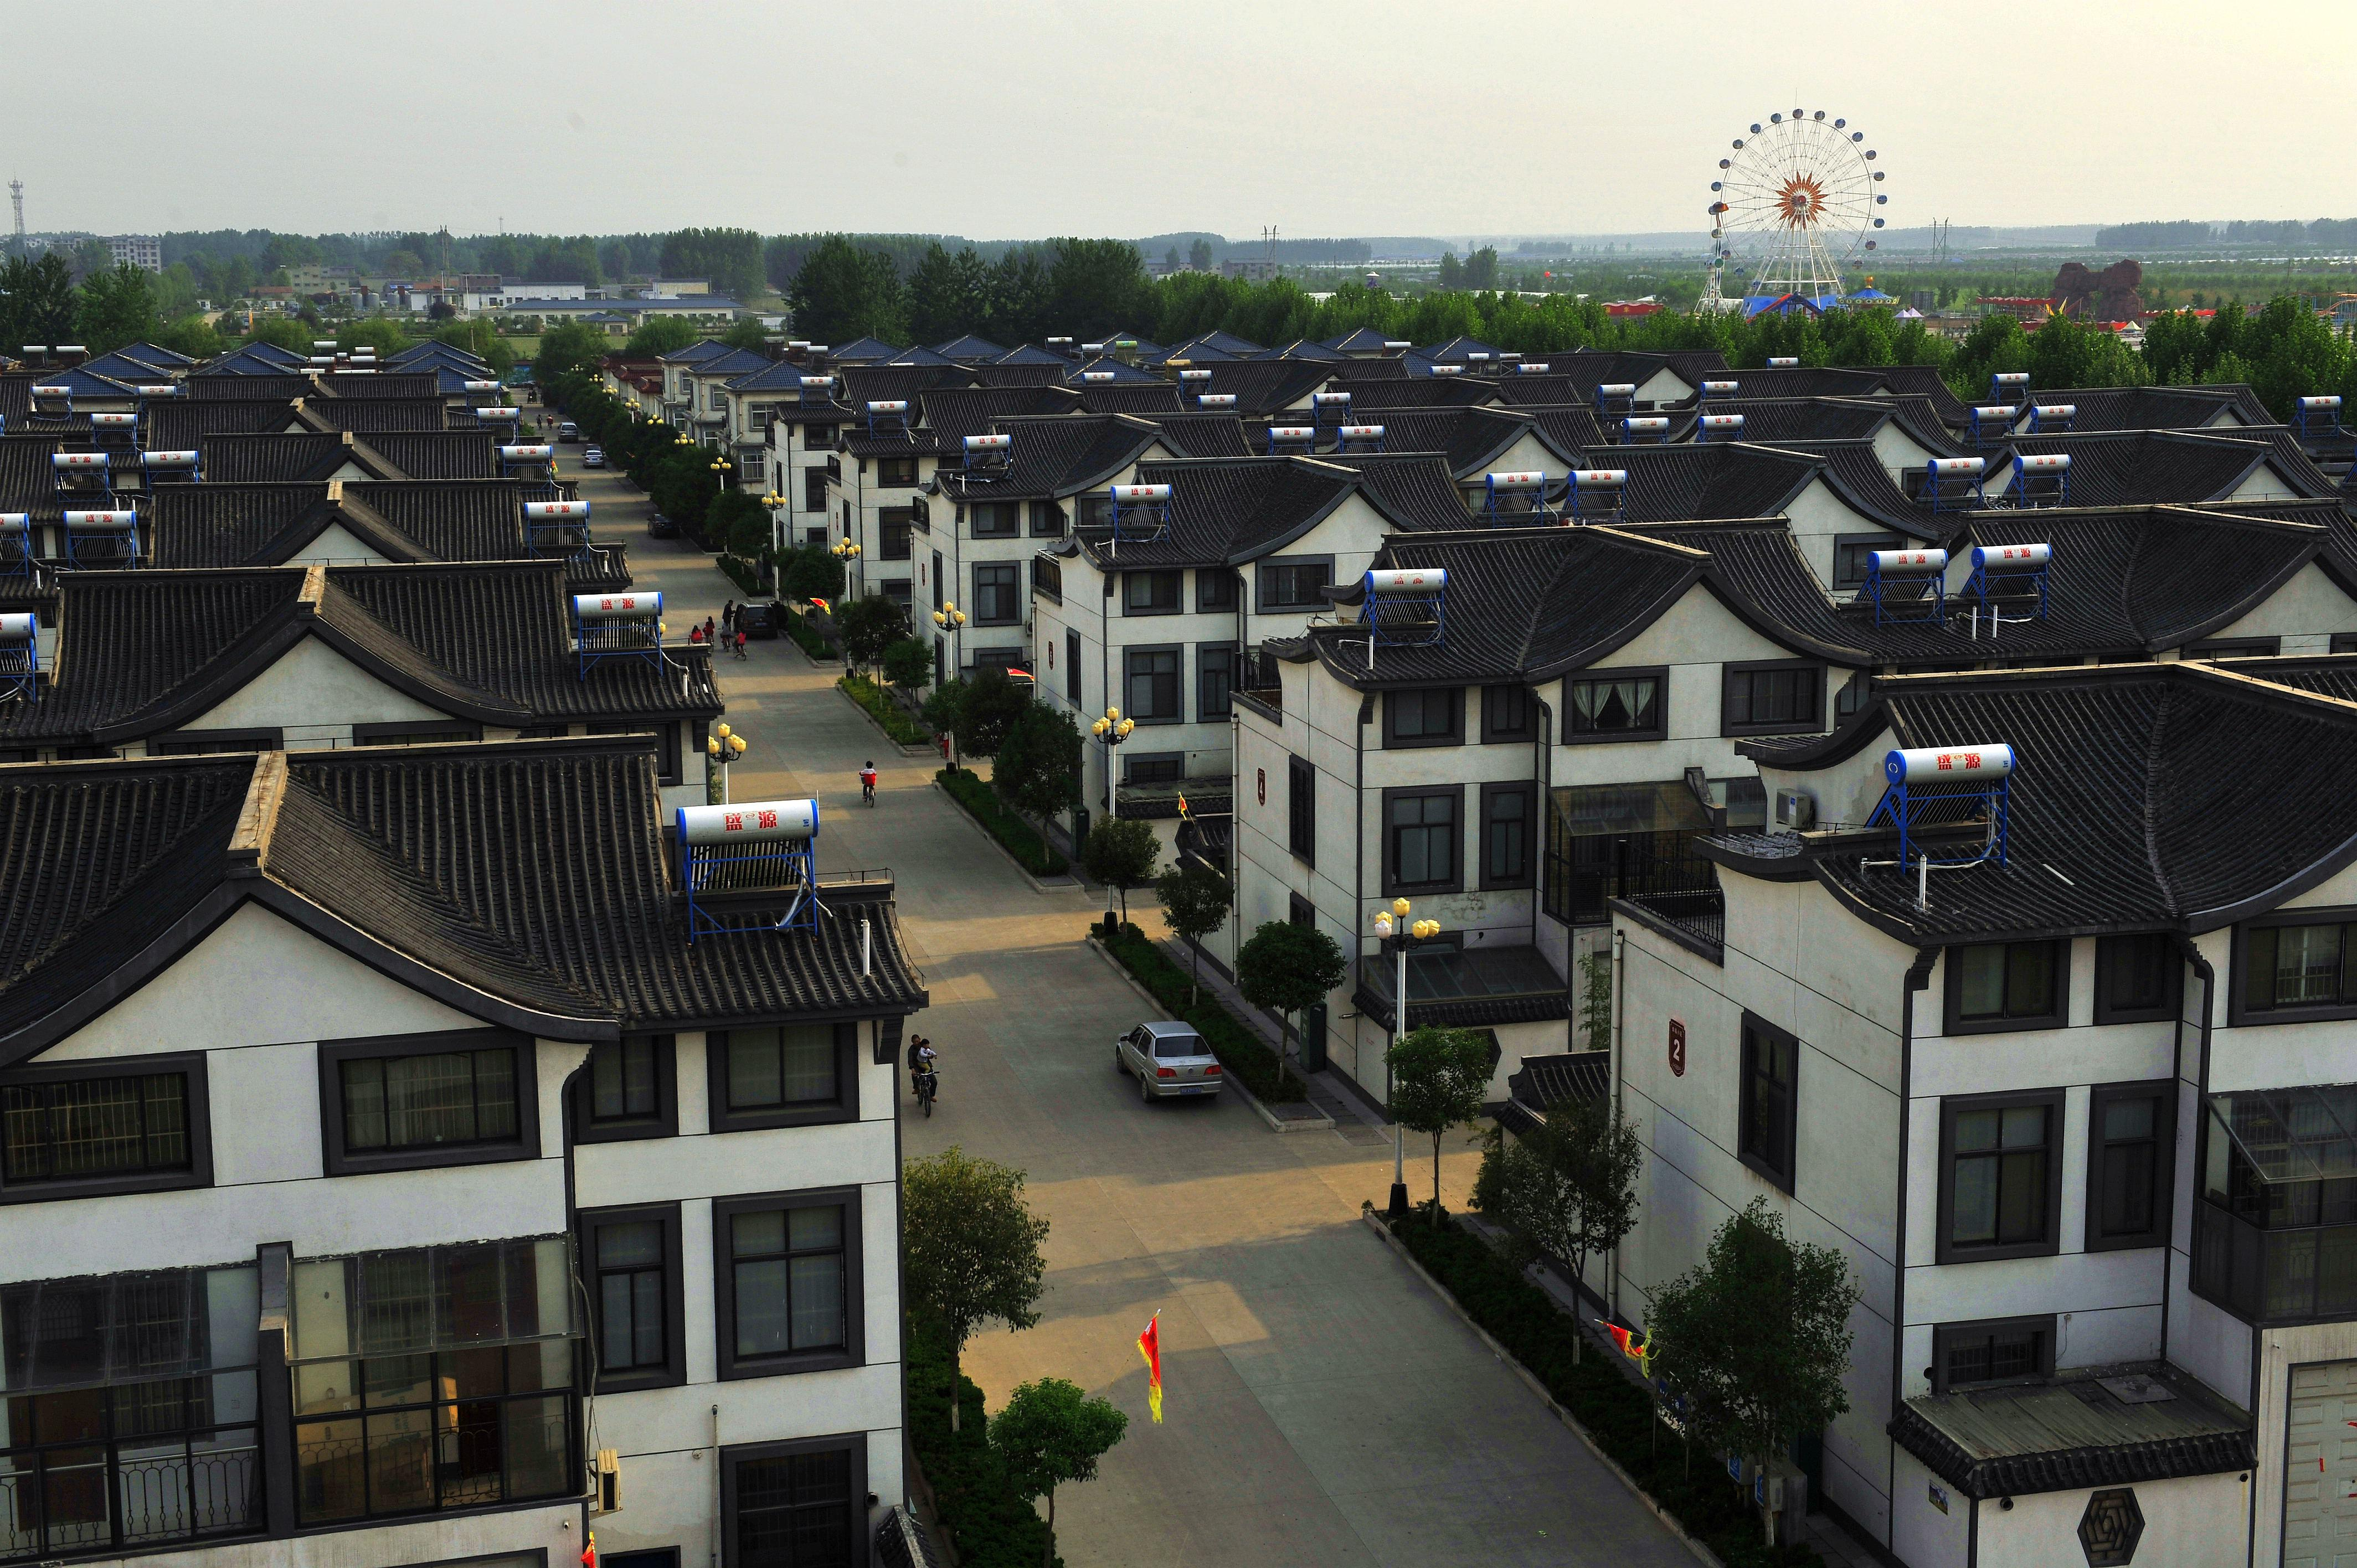 山东一村庄十几年房价不涨 花5万元可买100平房子